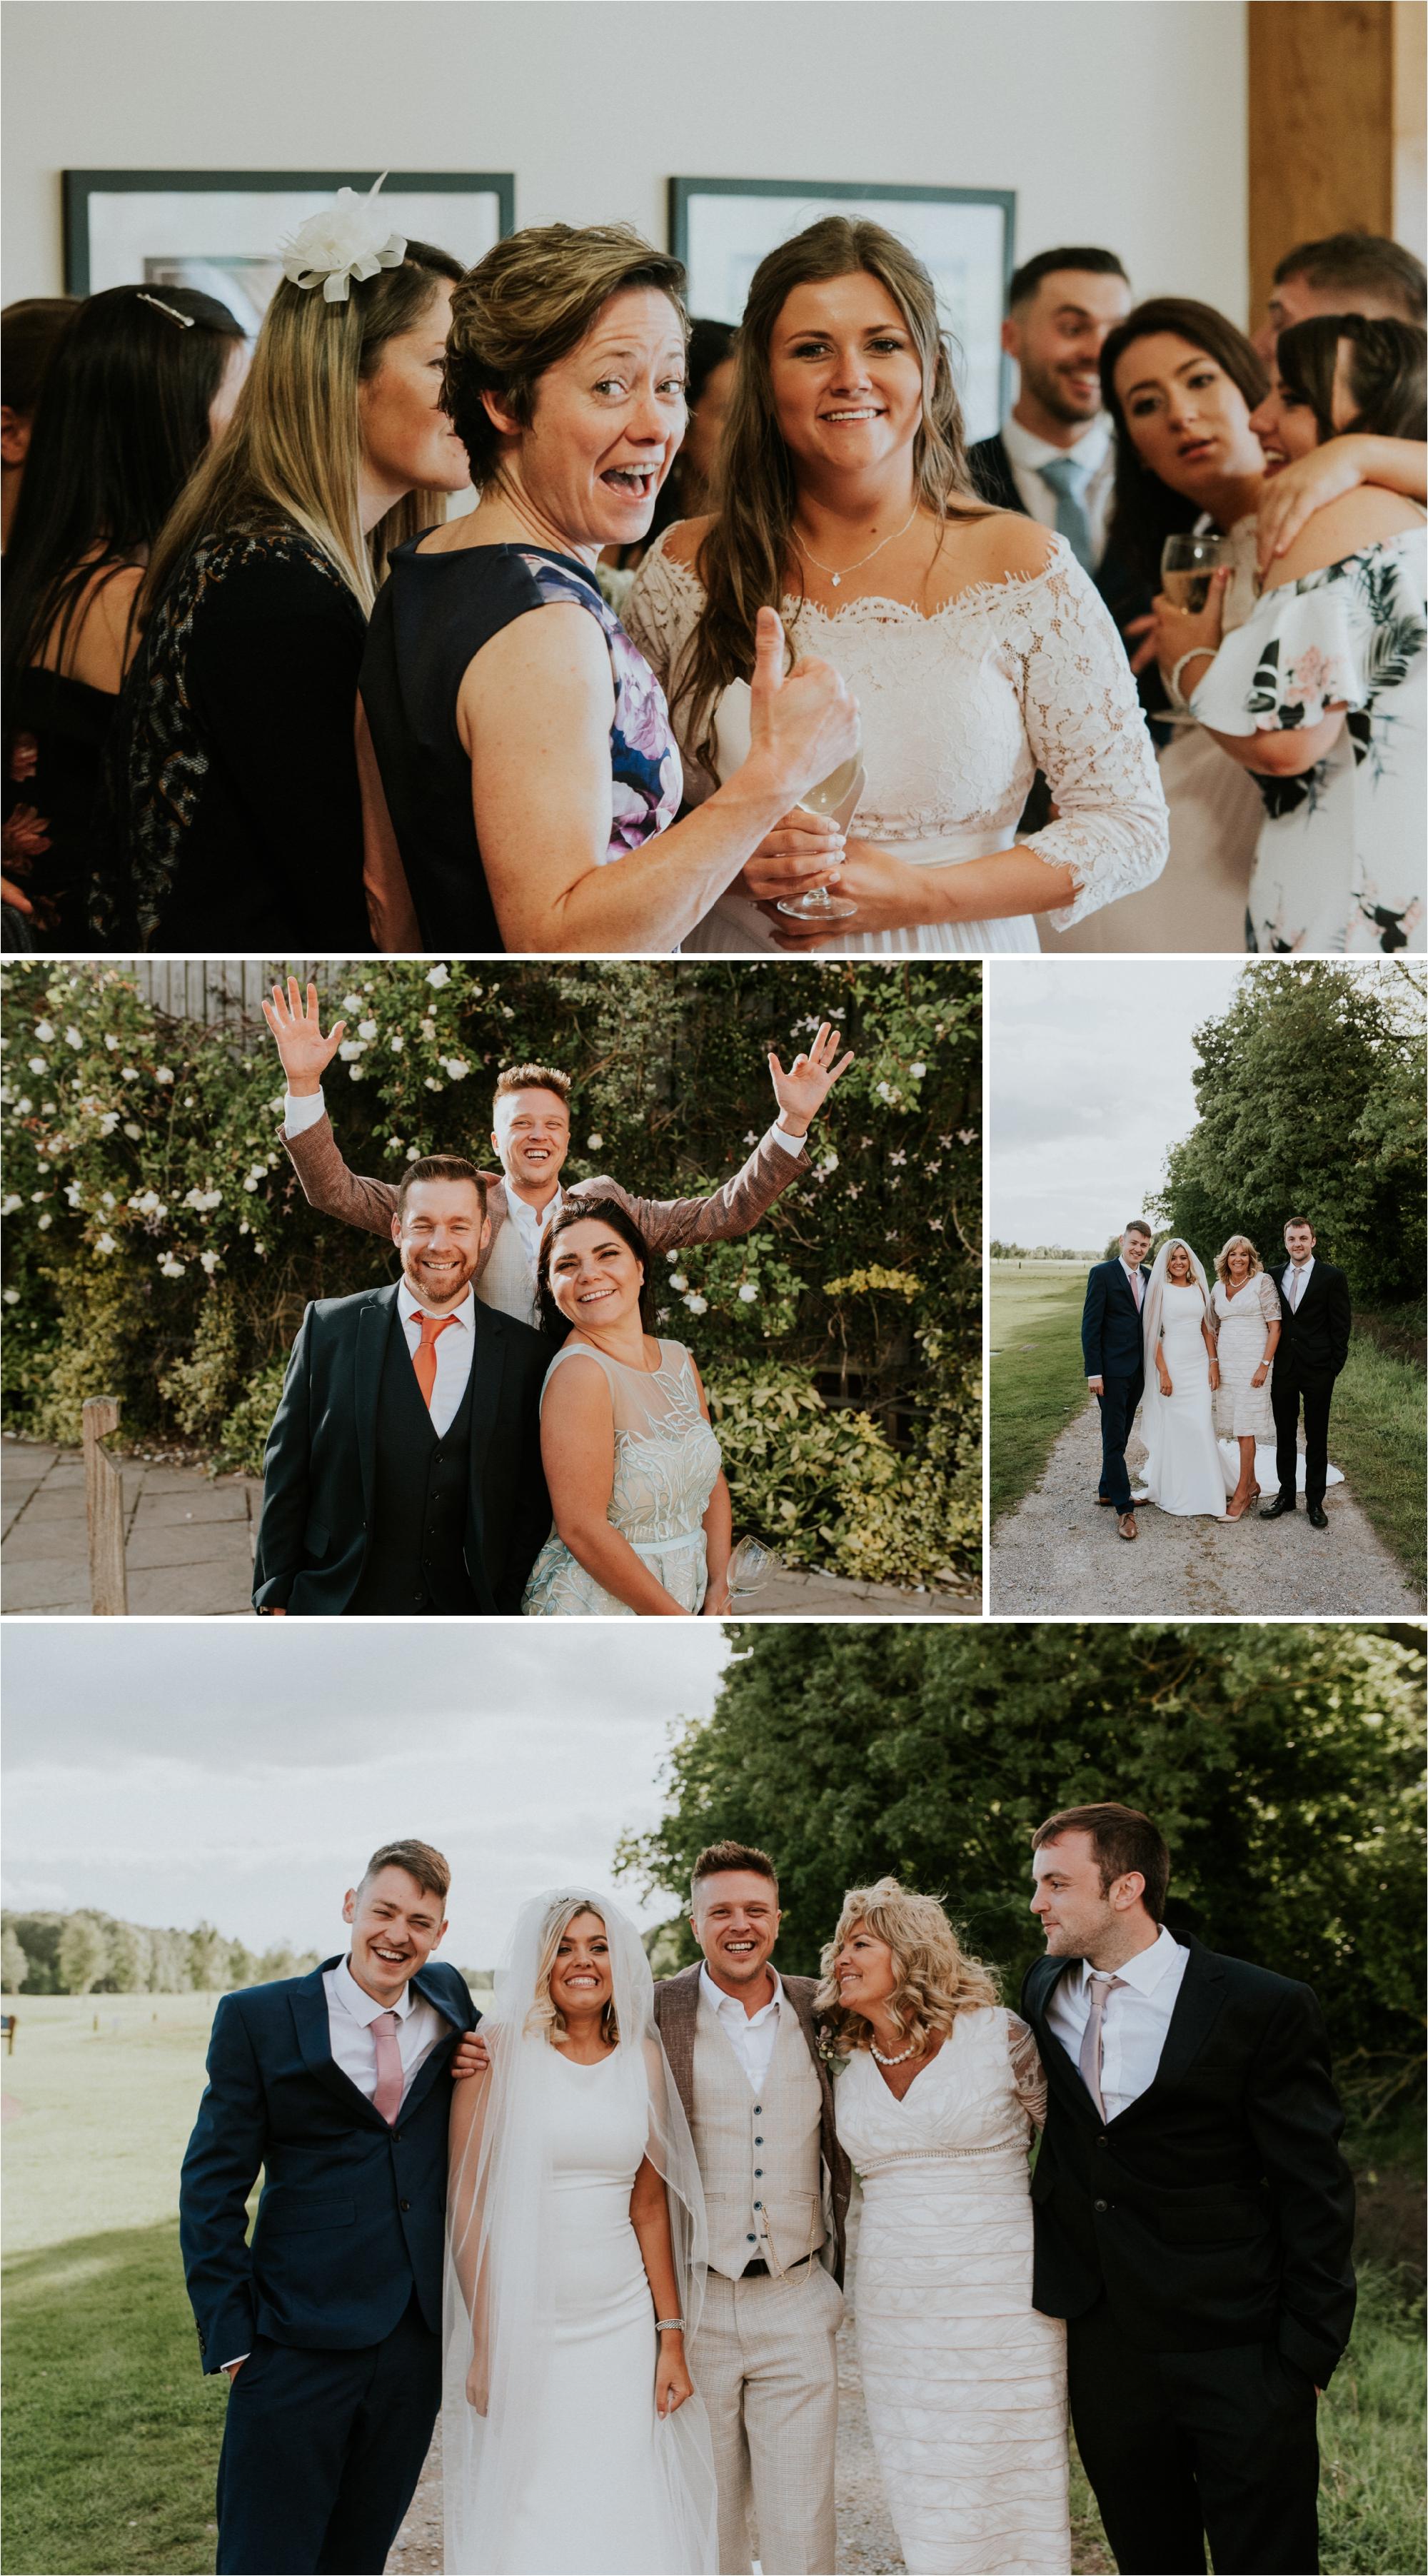 SanburnHallWedding-LukeHolroyd-Yorkshirewedding_0164.jpg